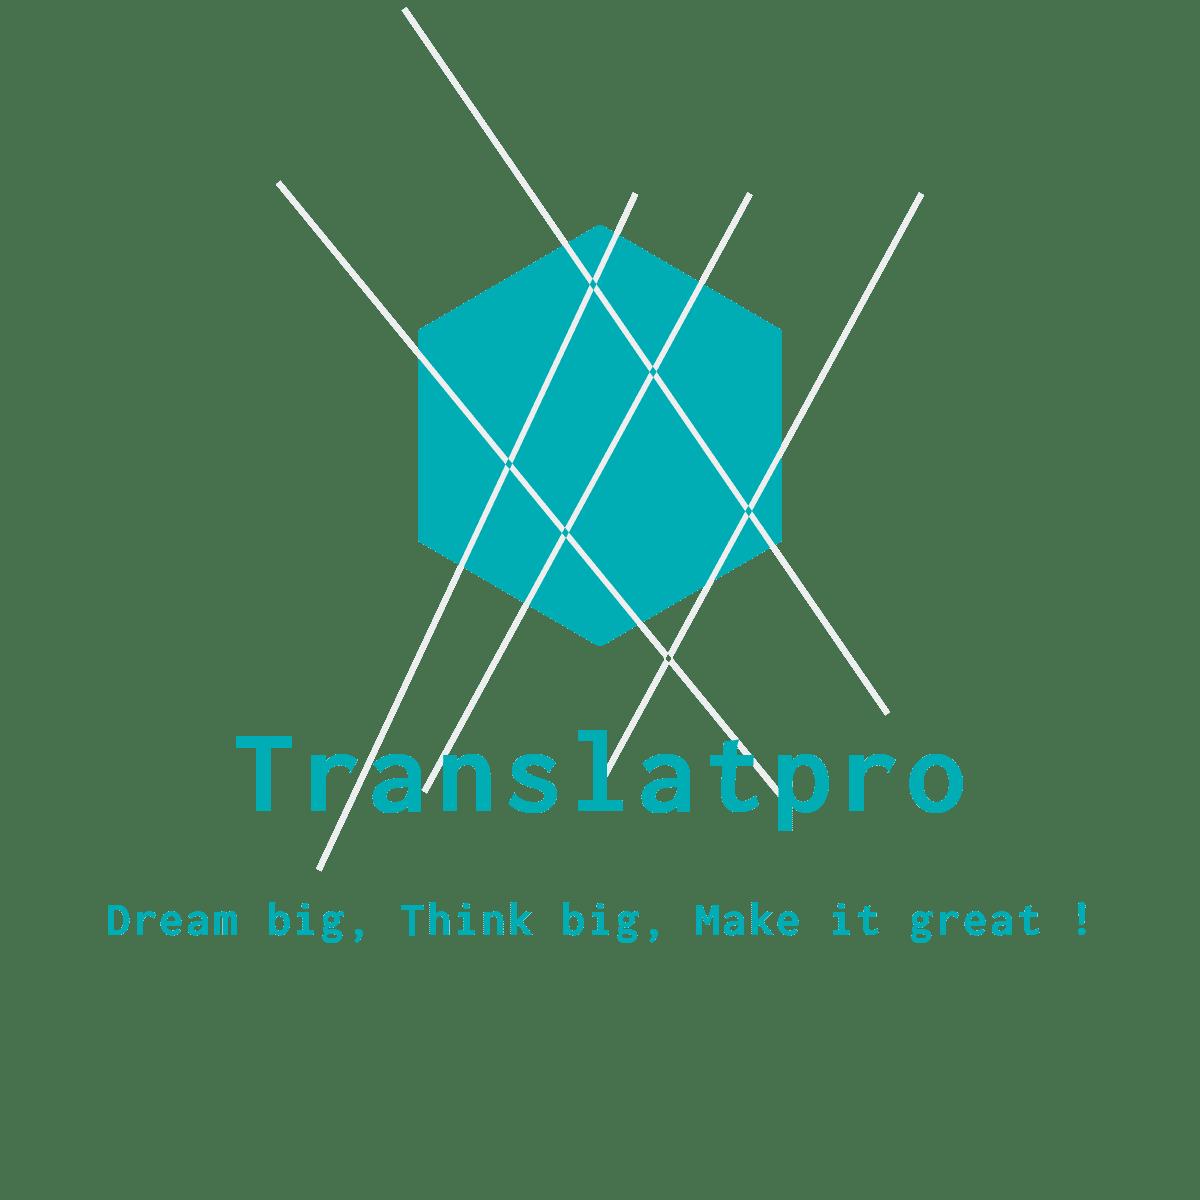 TranslatPro Agence de prestation de Services Linguistiques au Cameroun